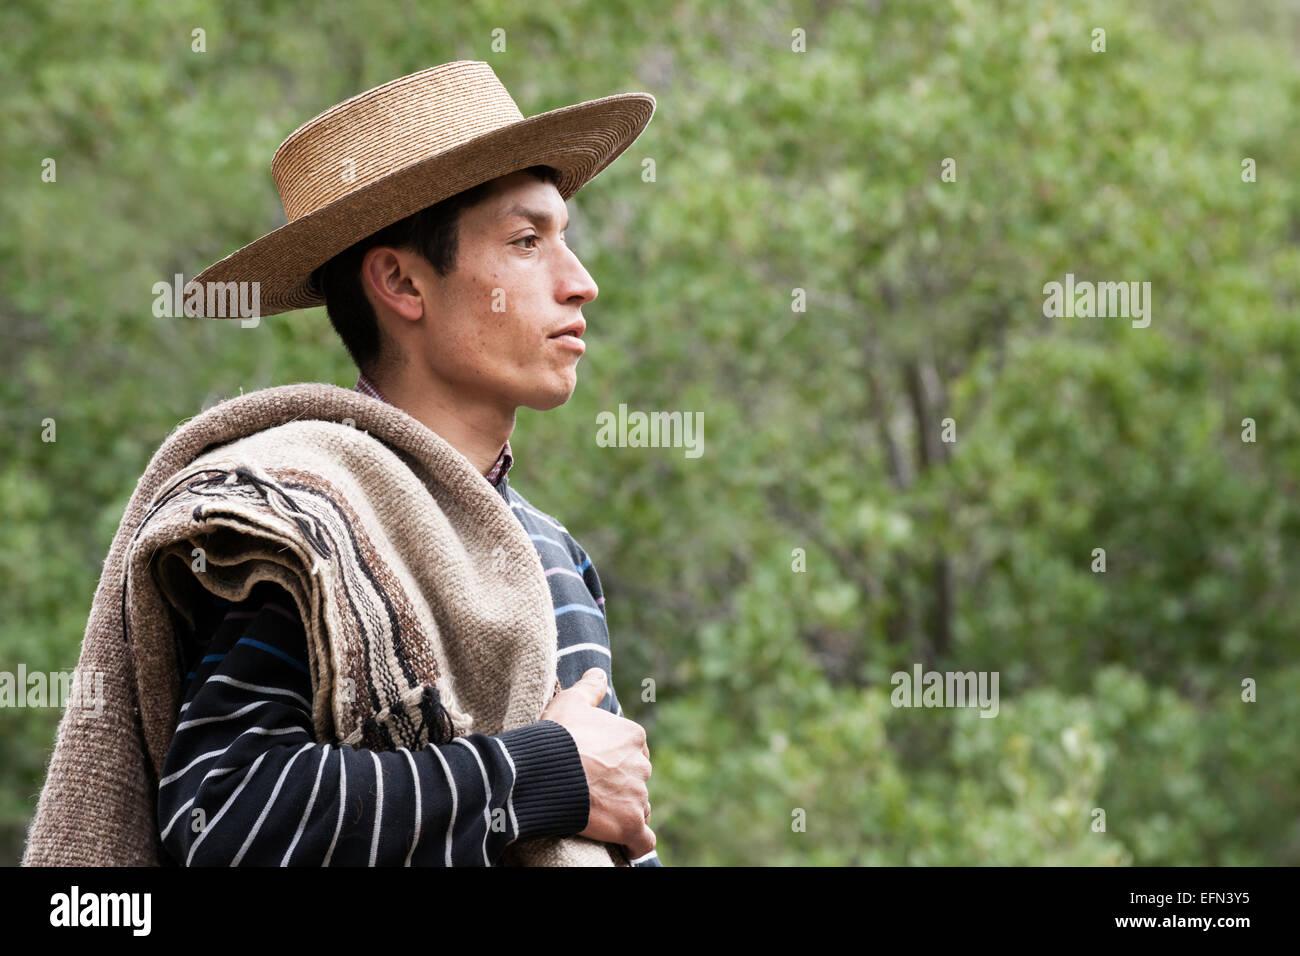 Portrait of Chilean cowboy in hat,  El Toyo region of Cajon del Maipo, Chile, South America - Stock Image